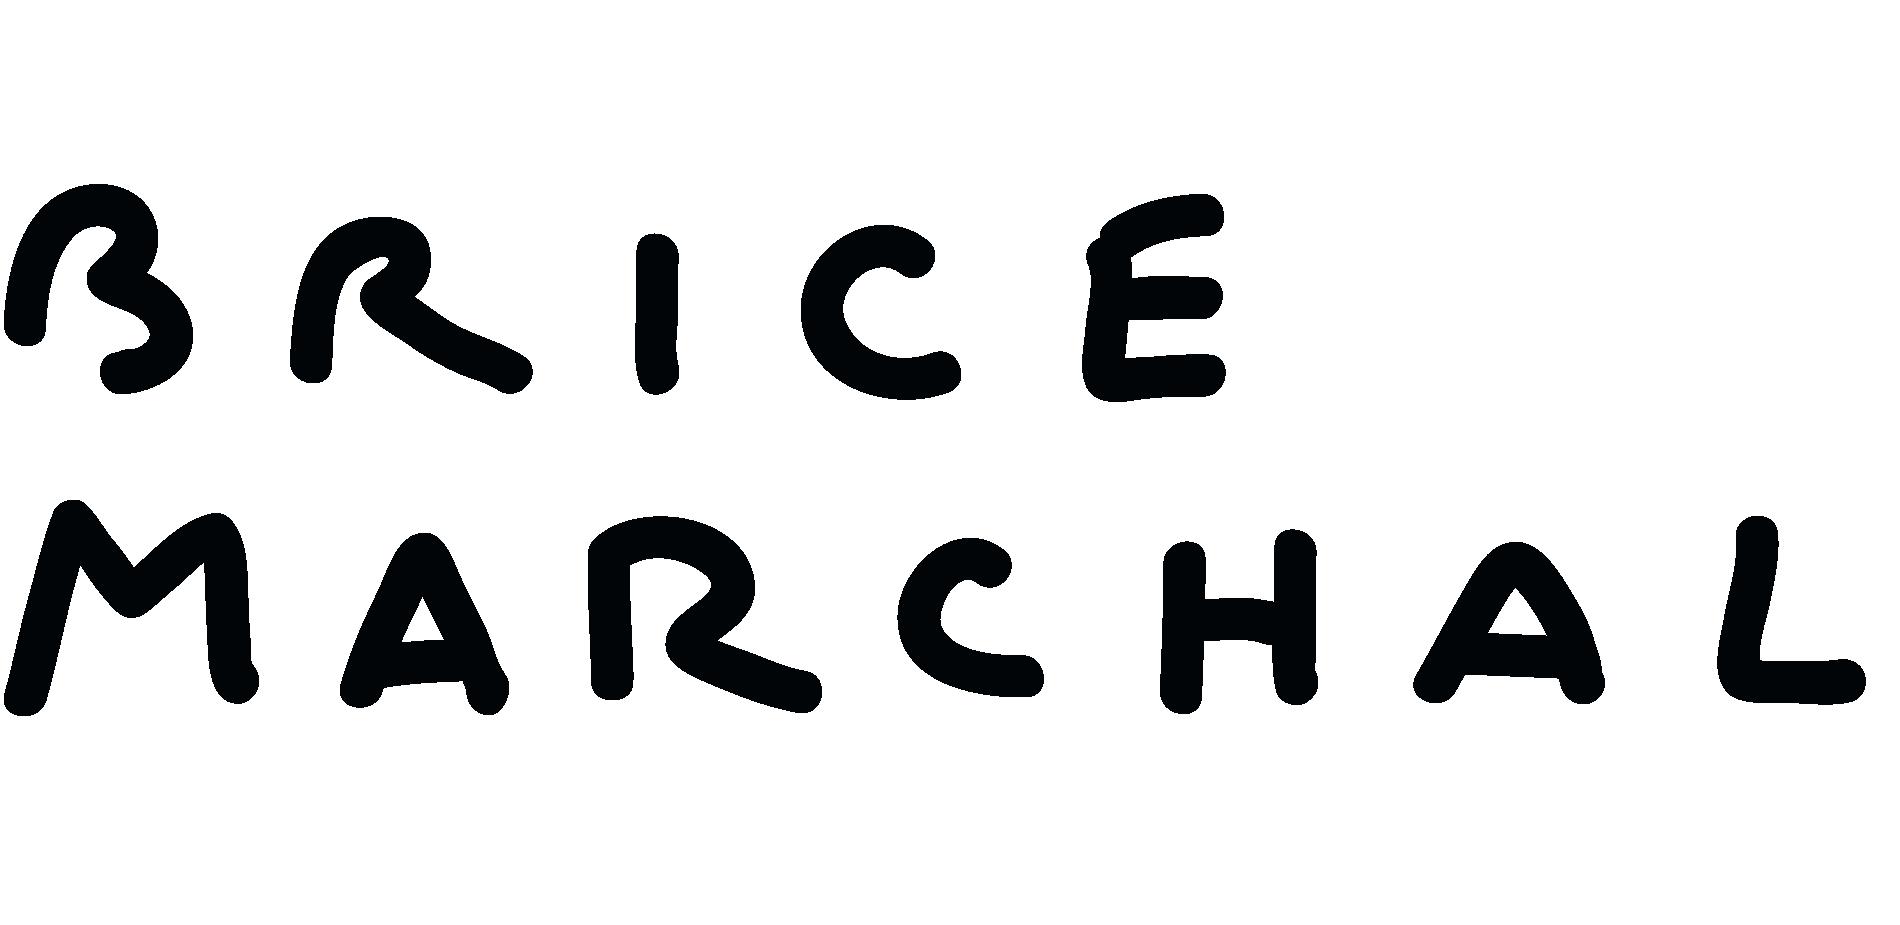 Brice Marchal studio